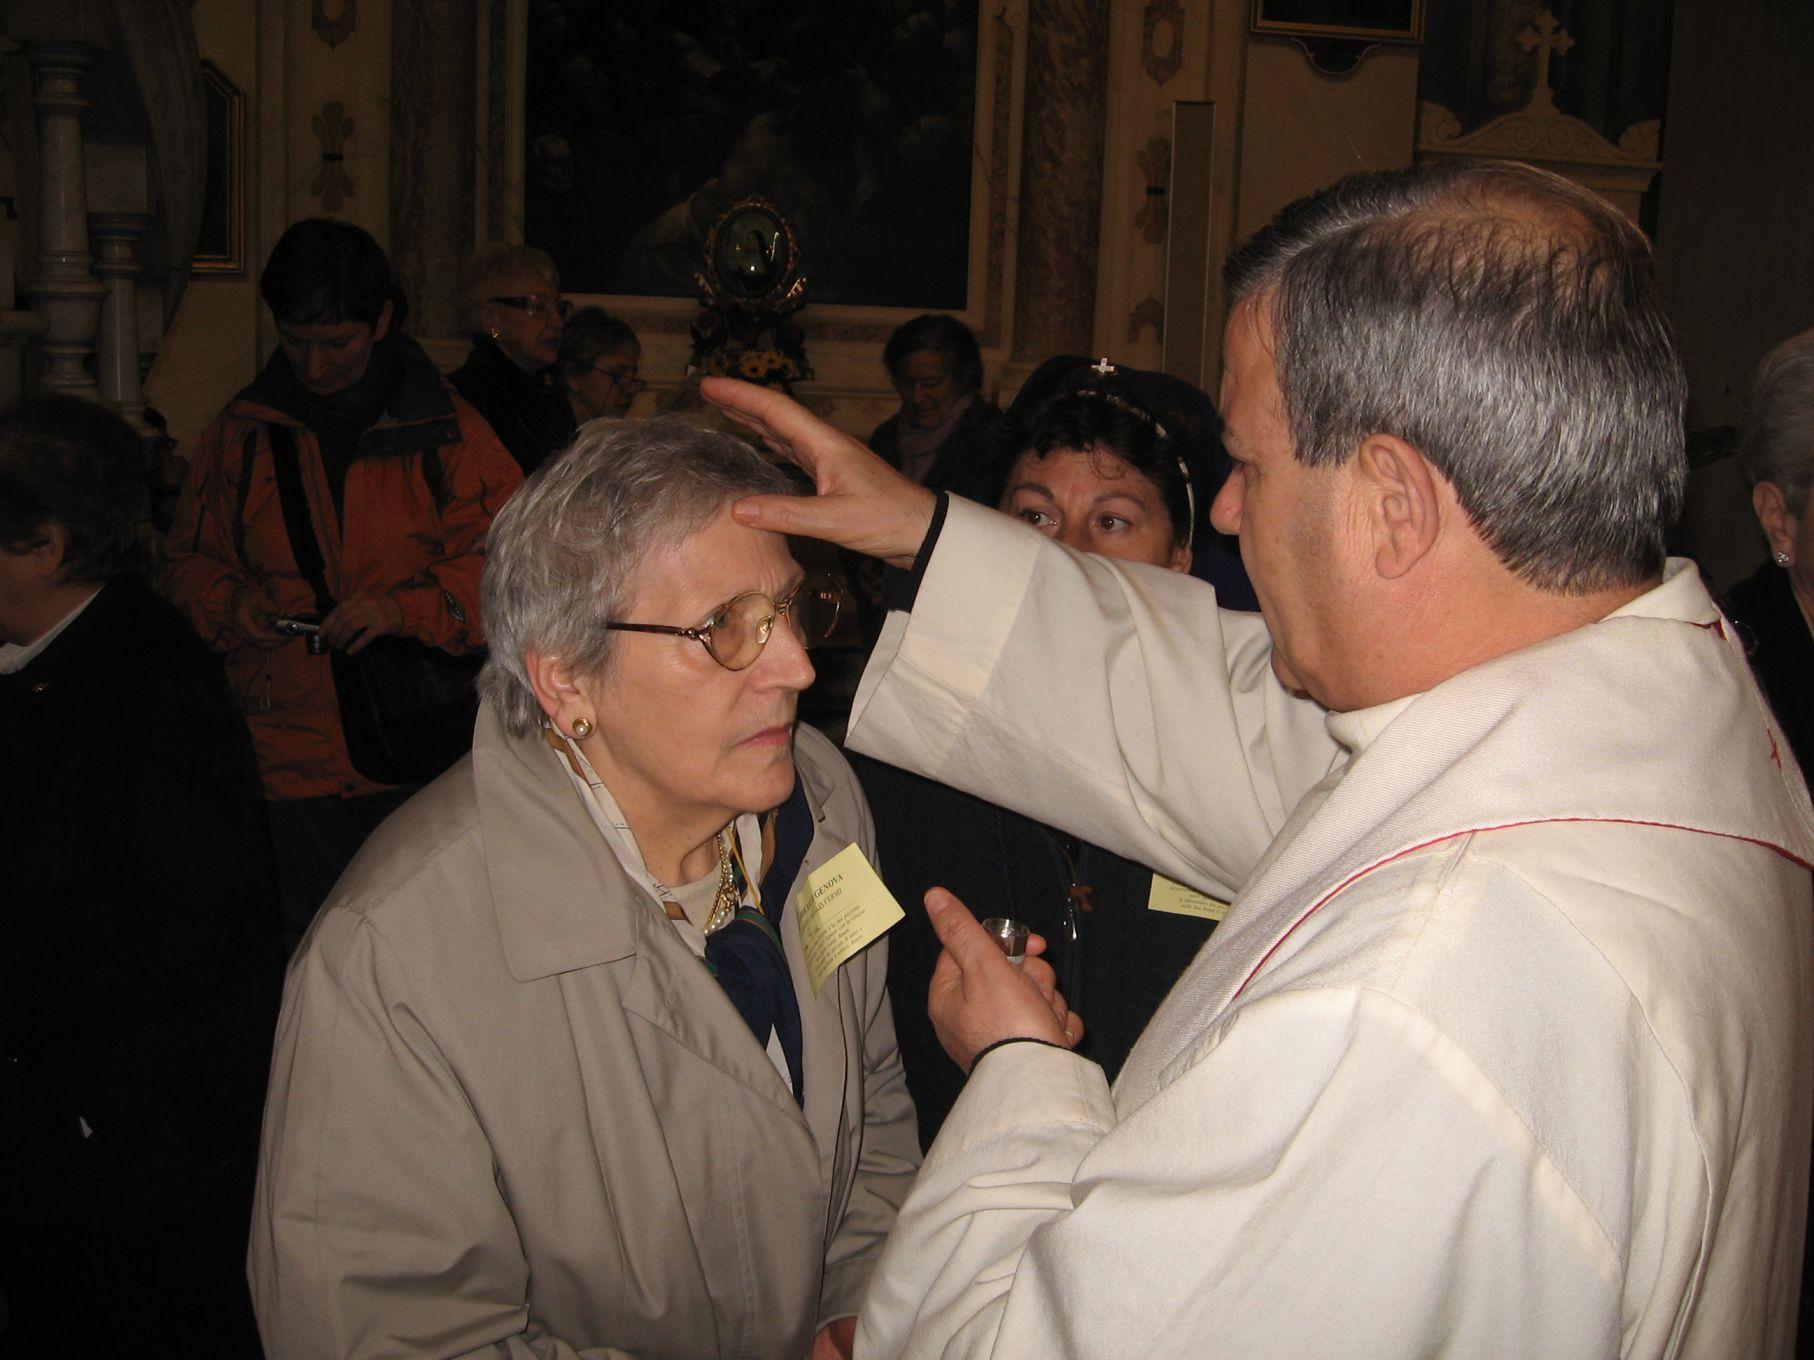 Giornata_del_Malato-2009-04-19--16.11.56